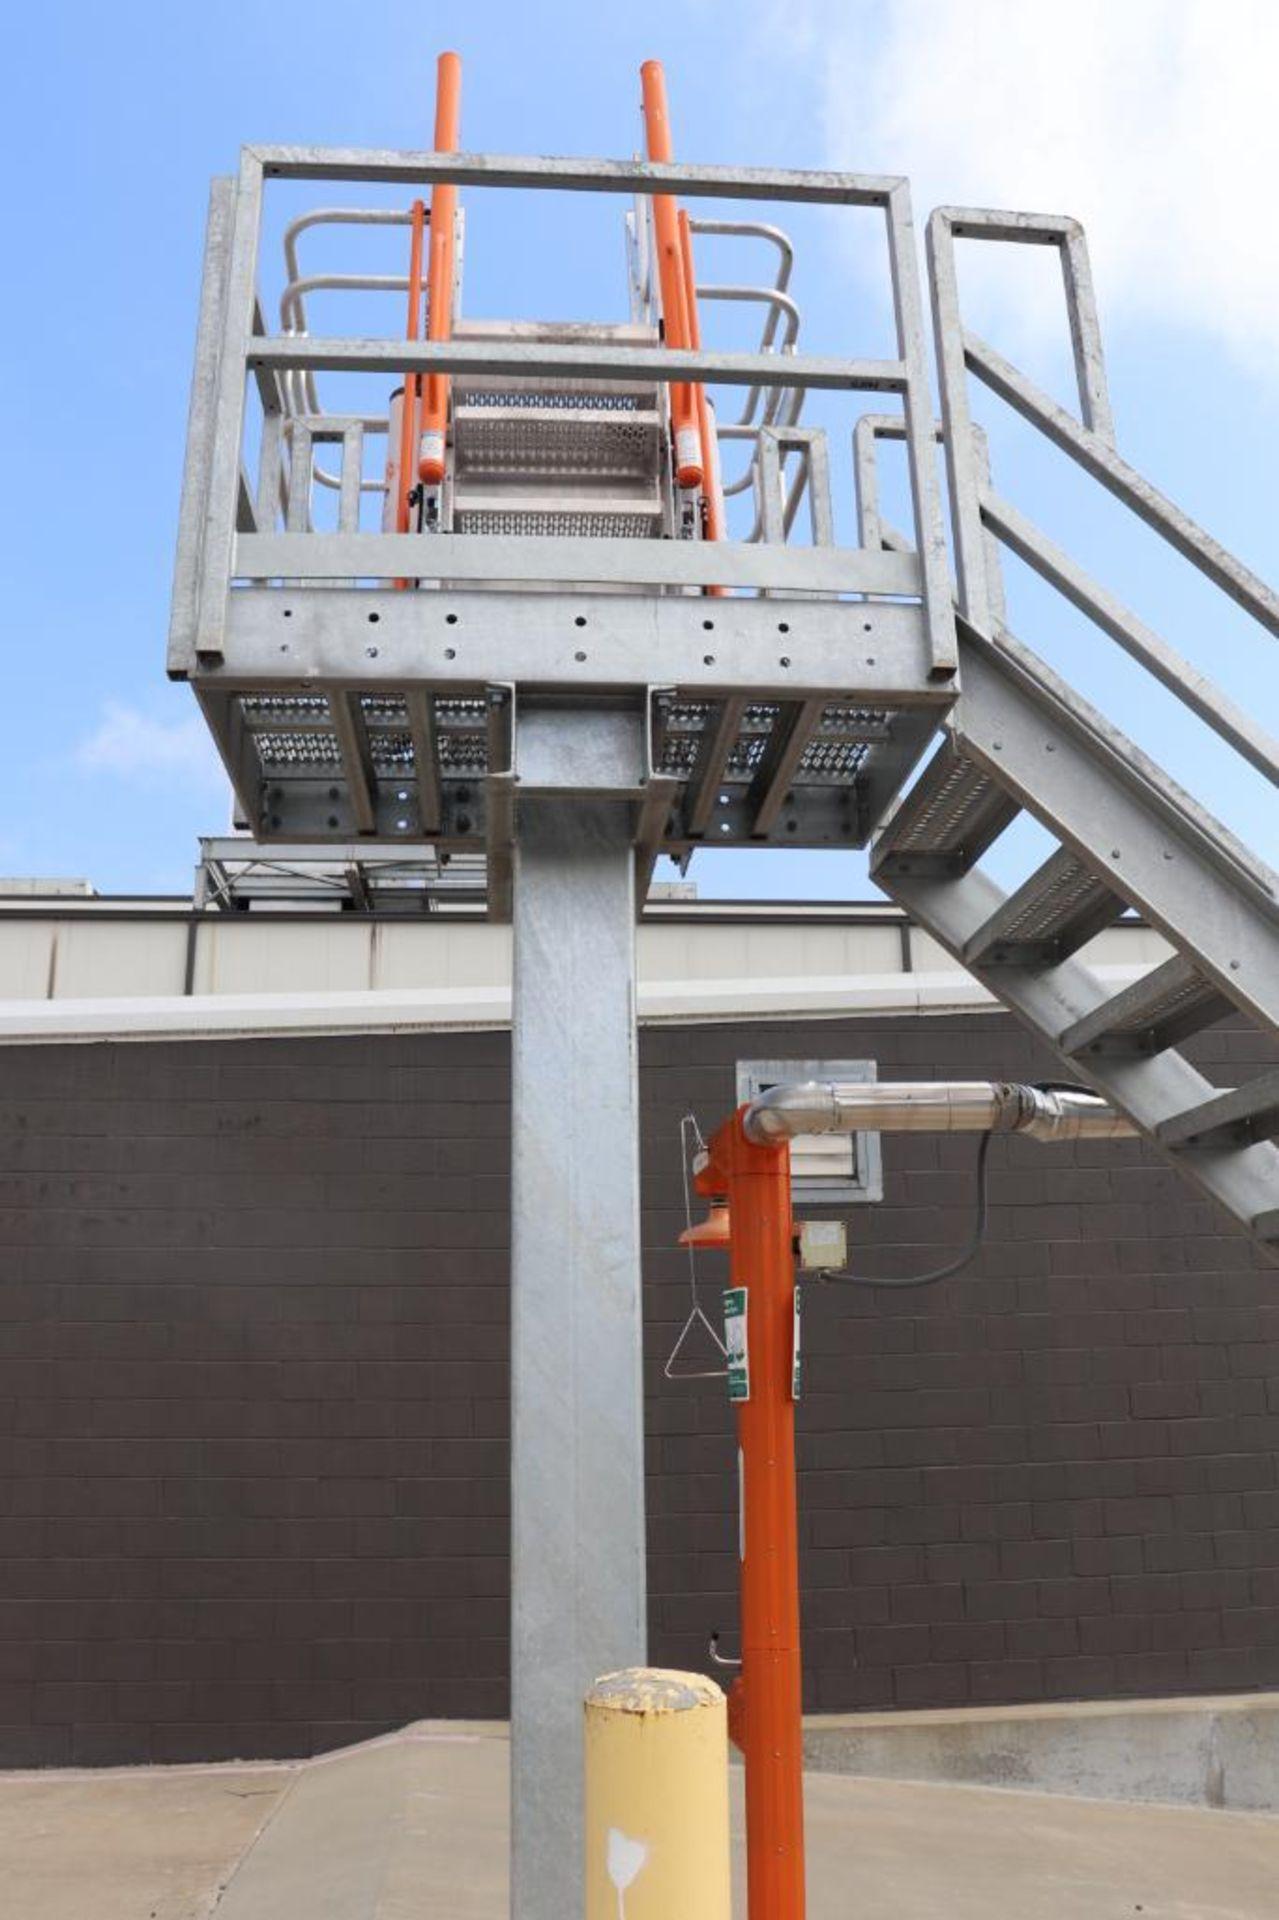 SafeRack truck loading and unloading platform - Image 8 of 10